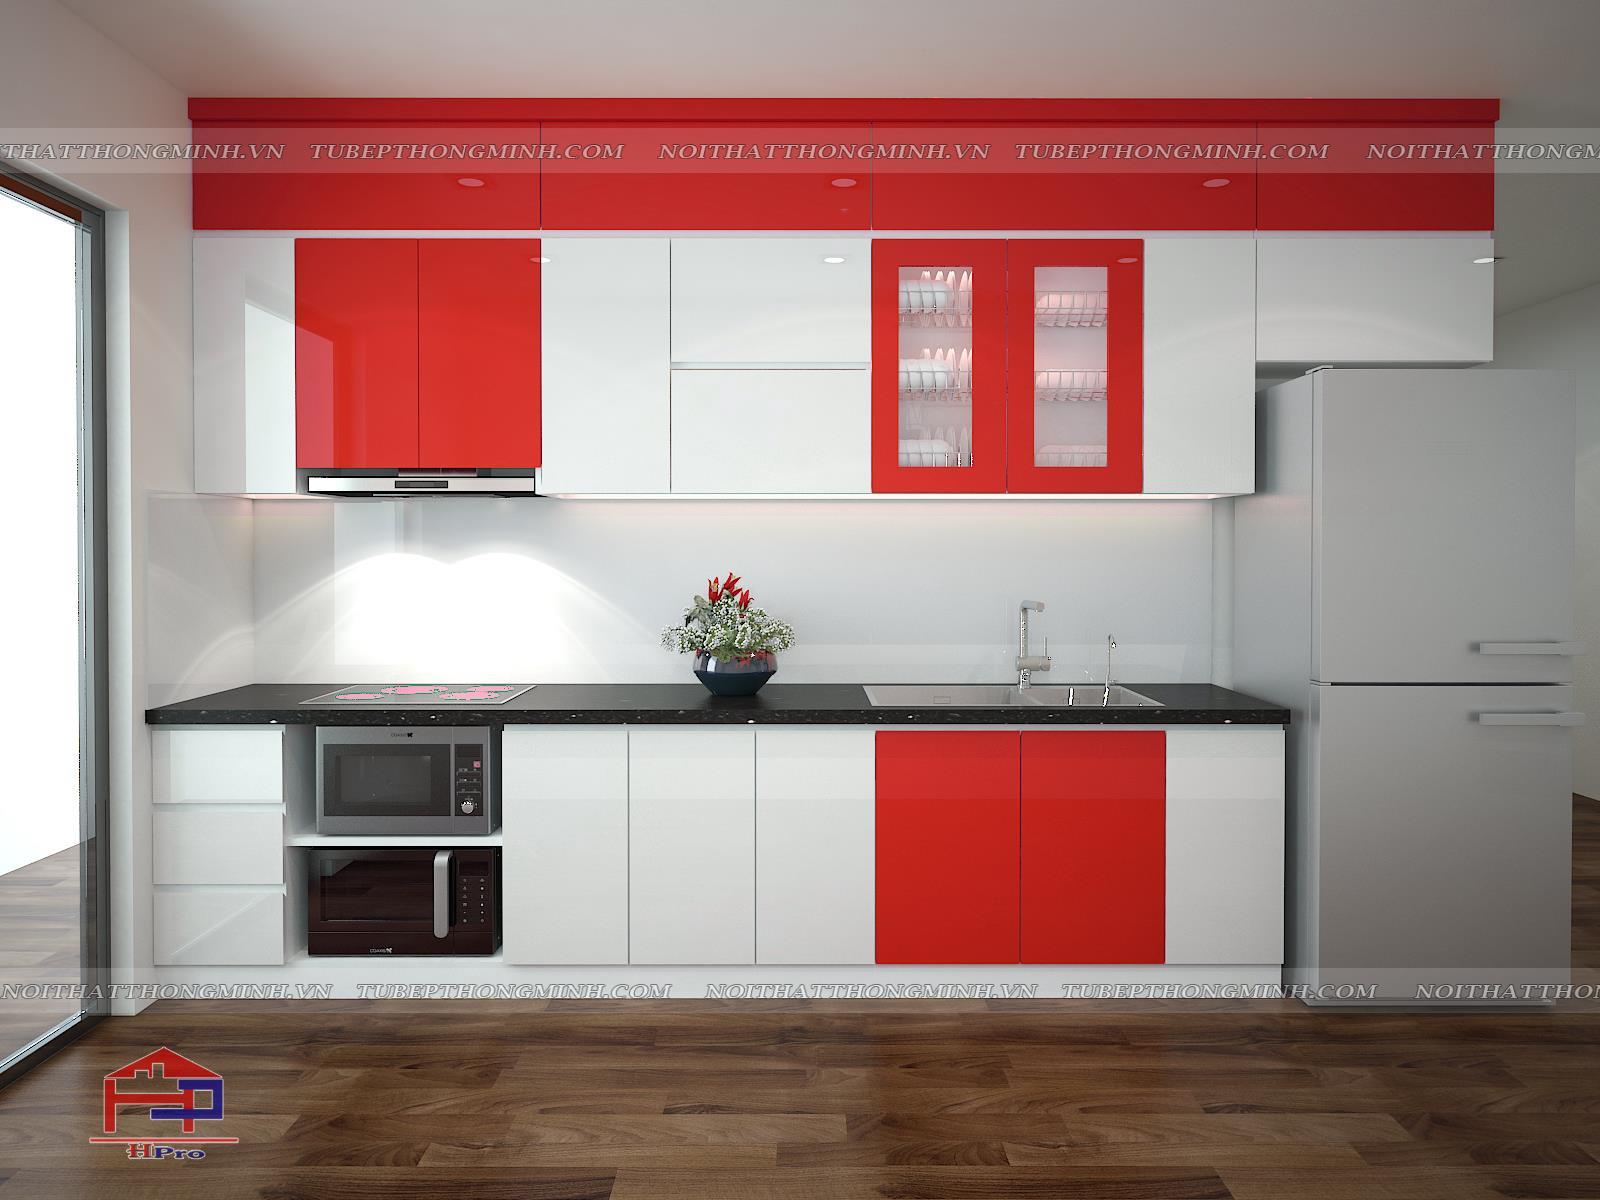 Ảnh thiết kế 3D tủ bếp acrylic màu đỏ - trắng nhà anh Vinh - An Bình City